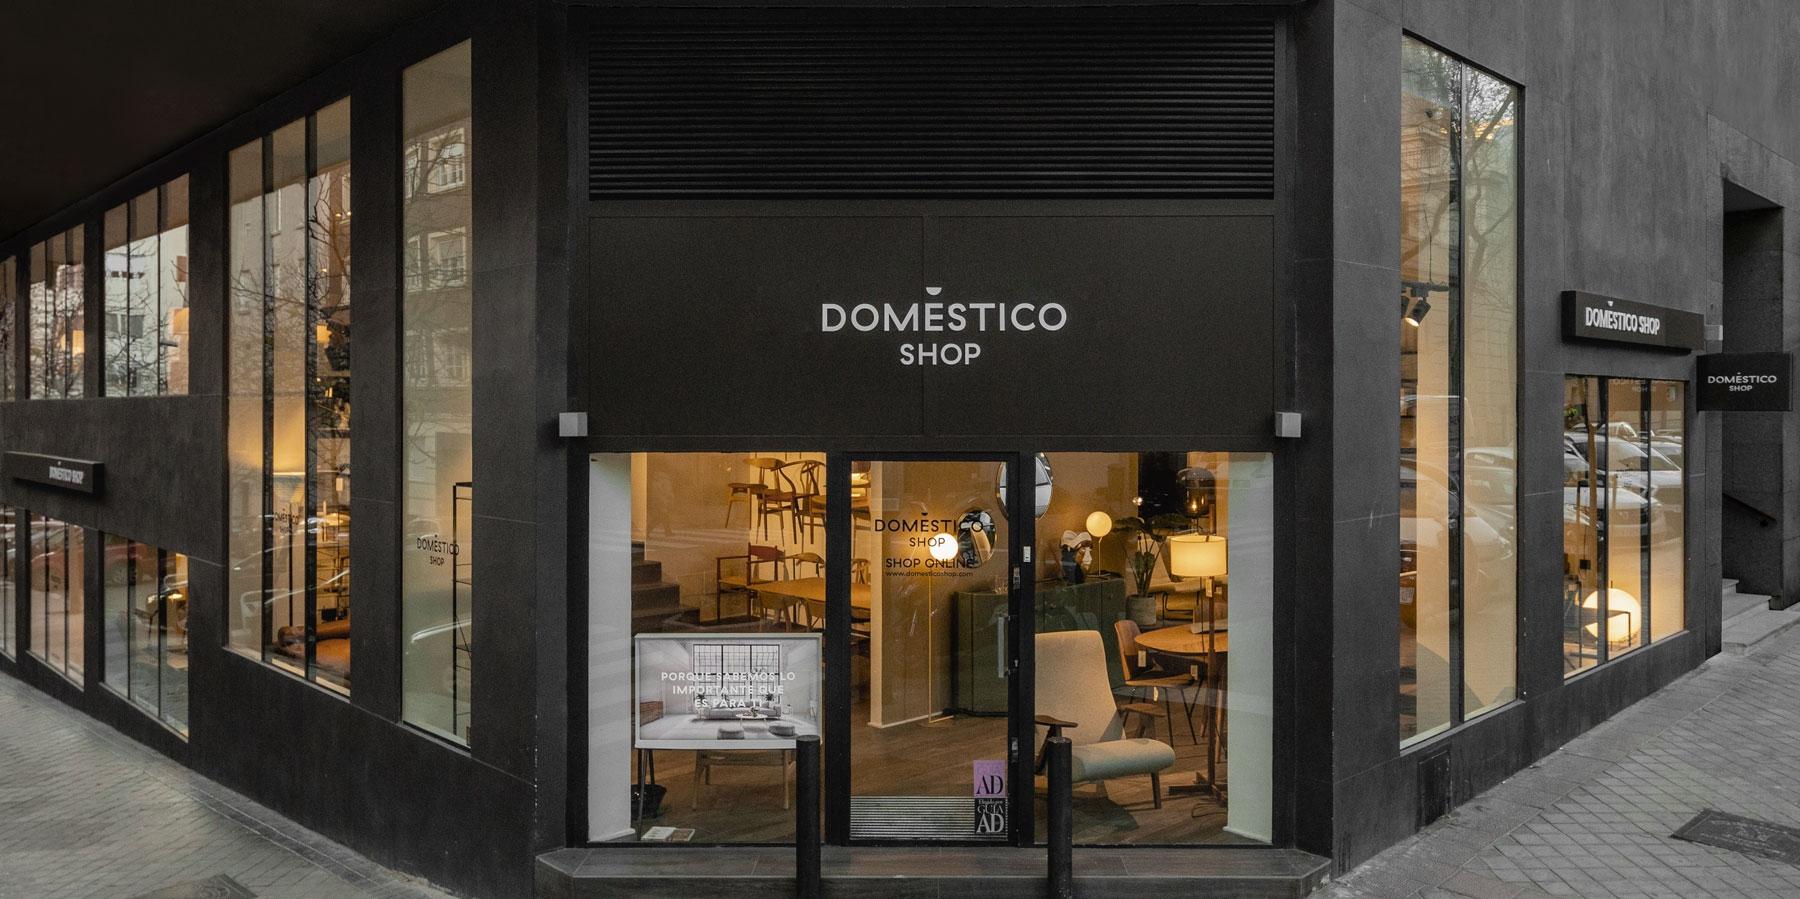 Domestico Shop